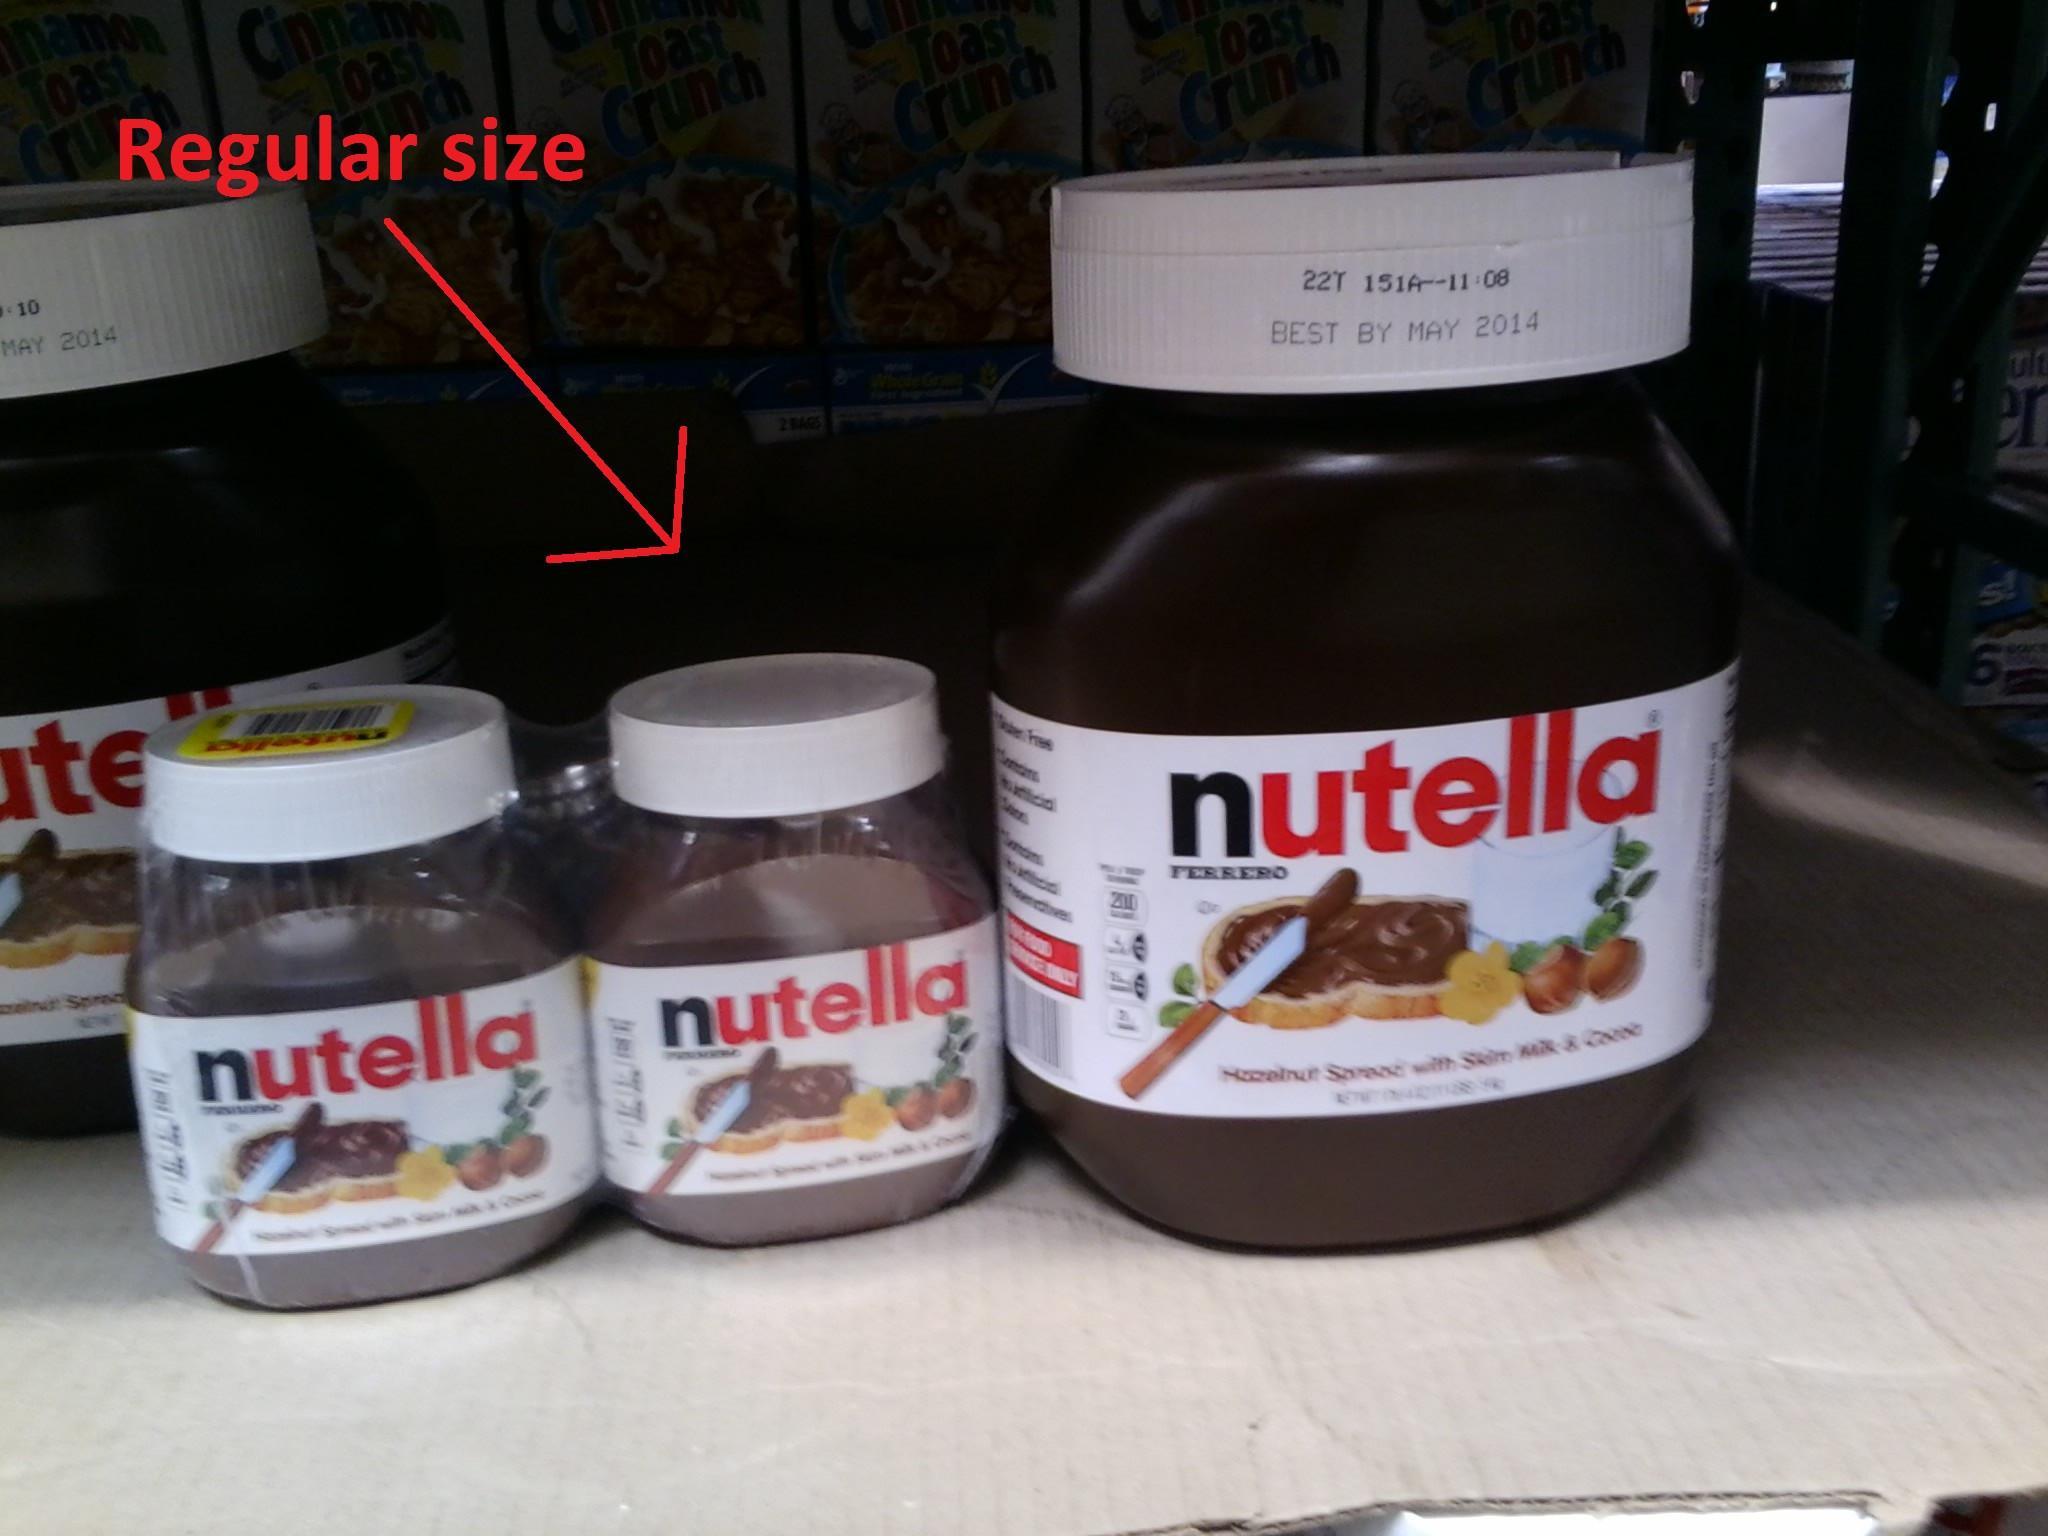 nutella-2-pounds-1547749471854.jpg